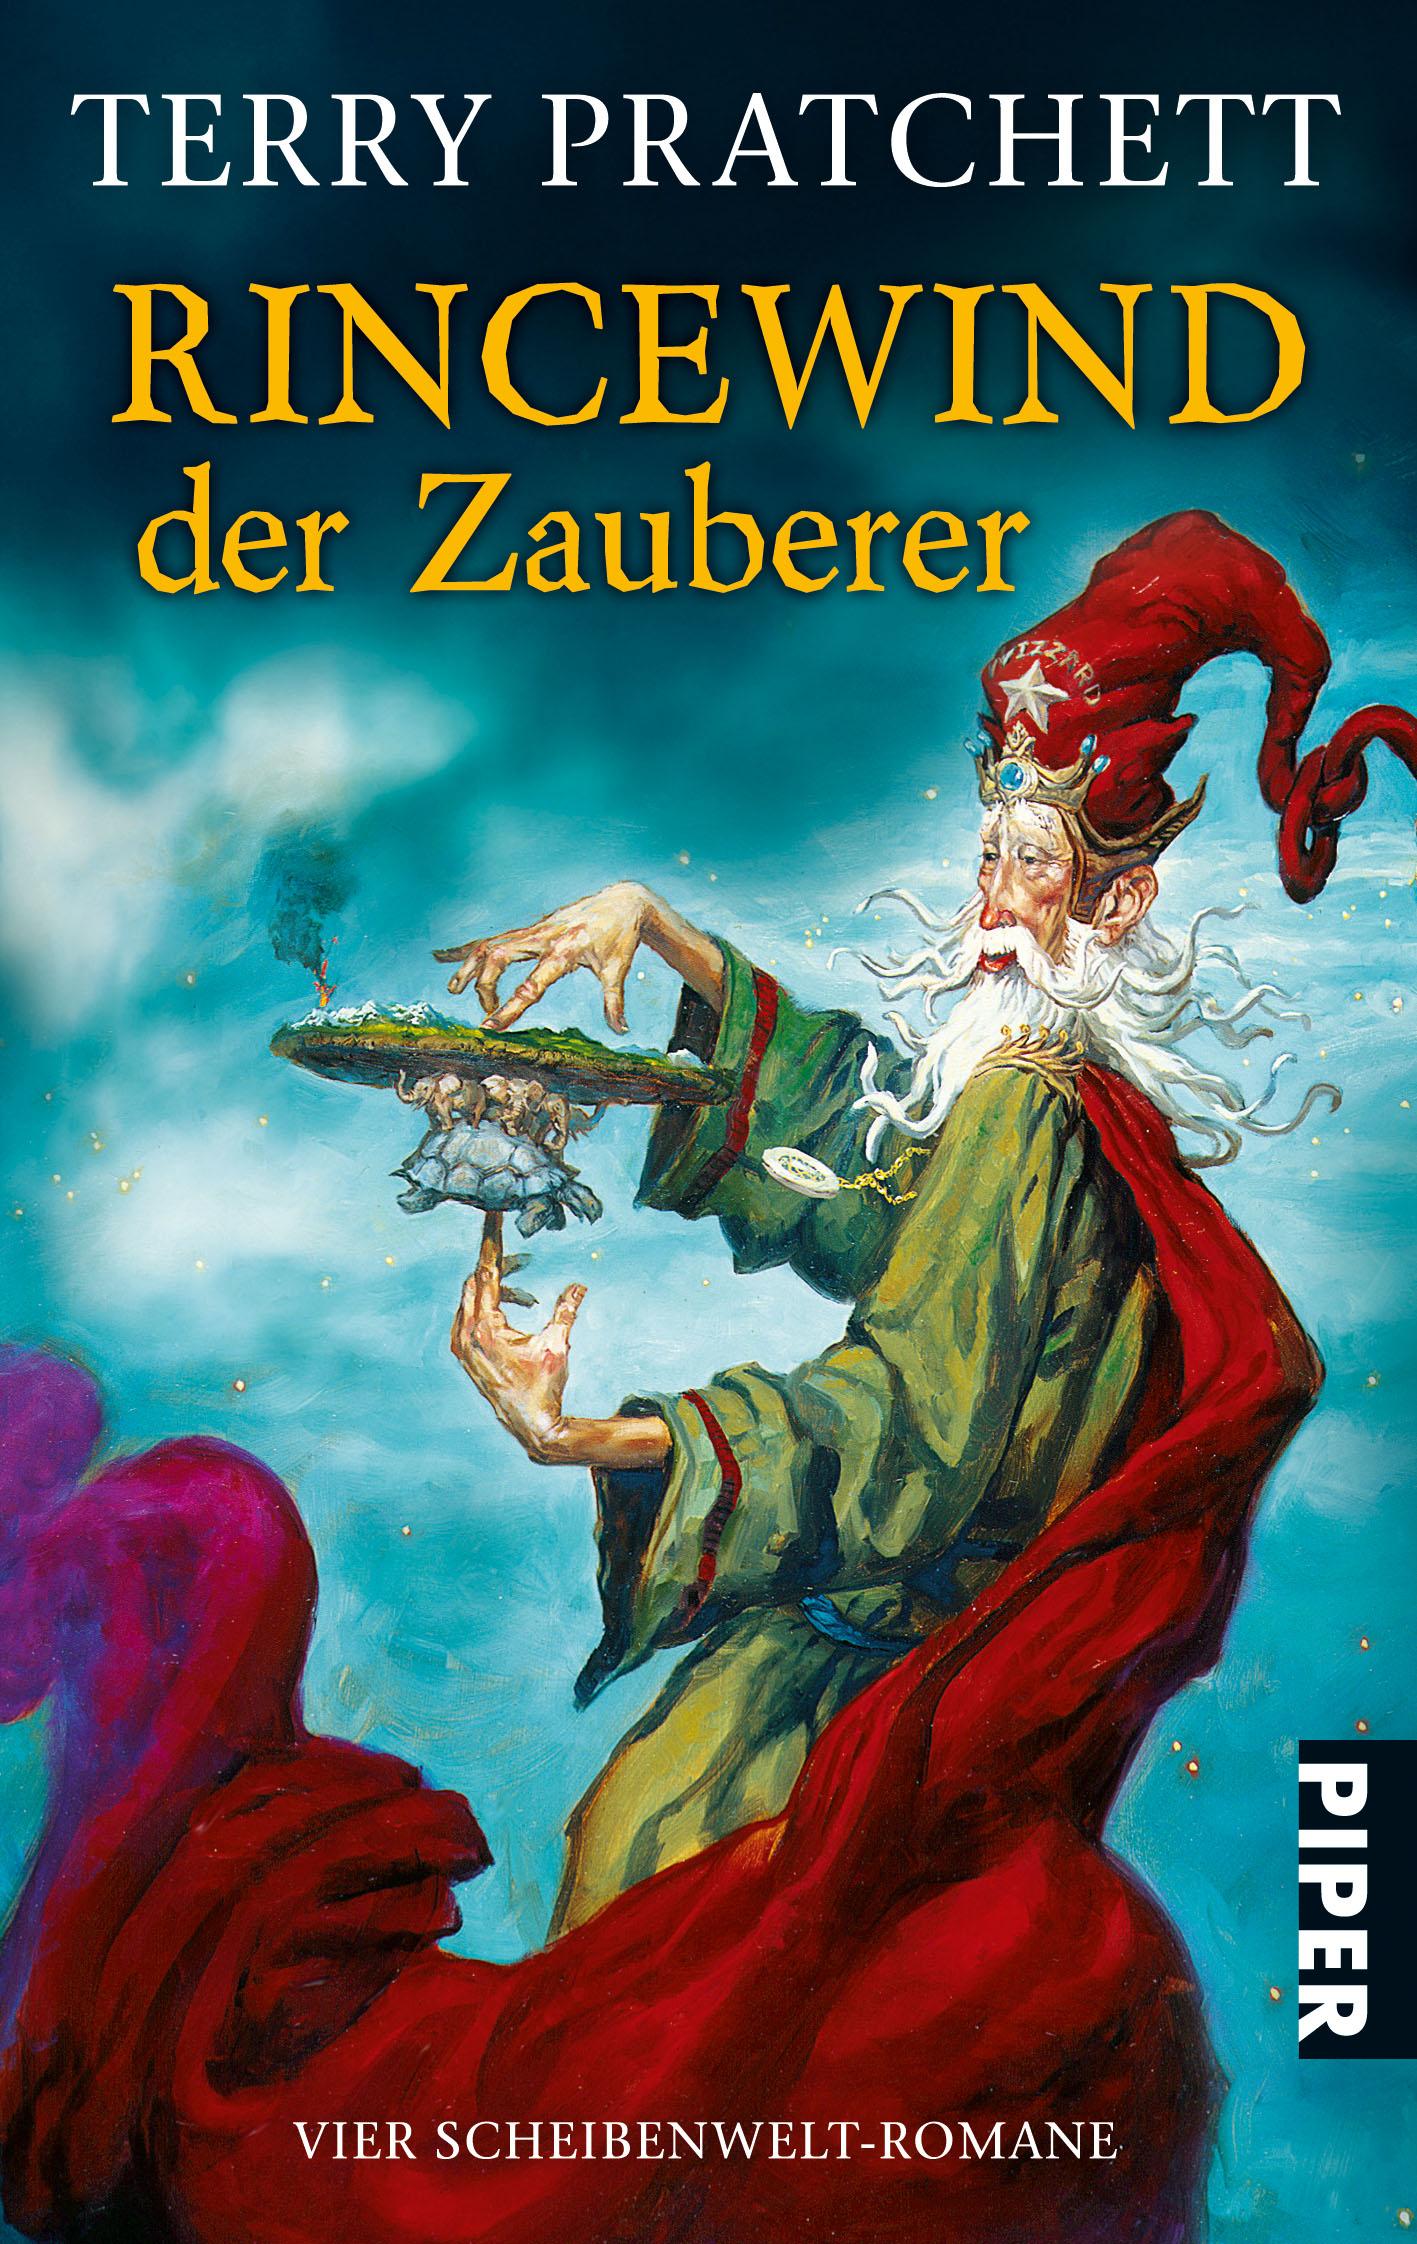 Rincewind, der Zauberer von Terry Pratchett | PIPER